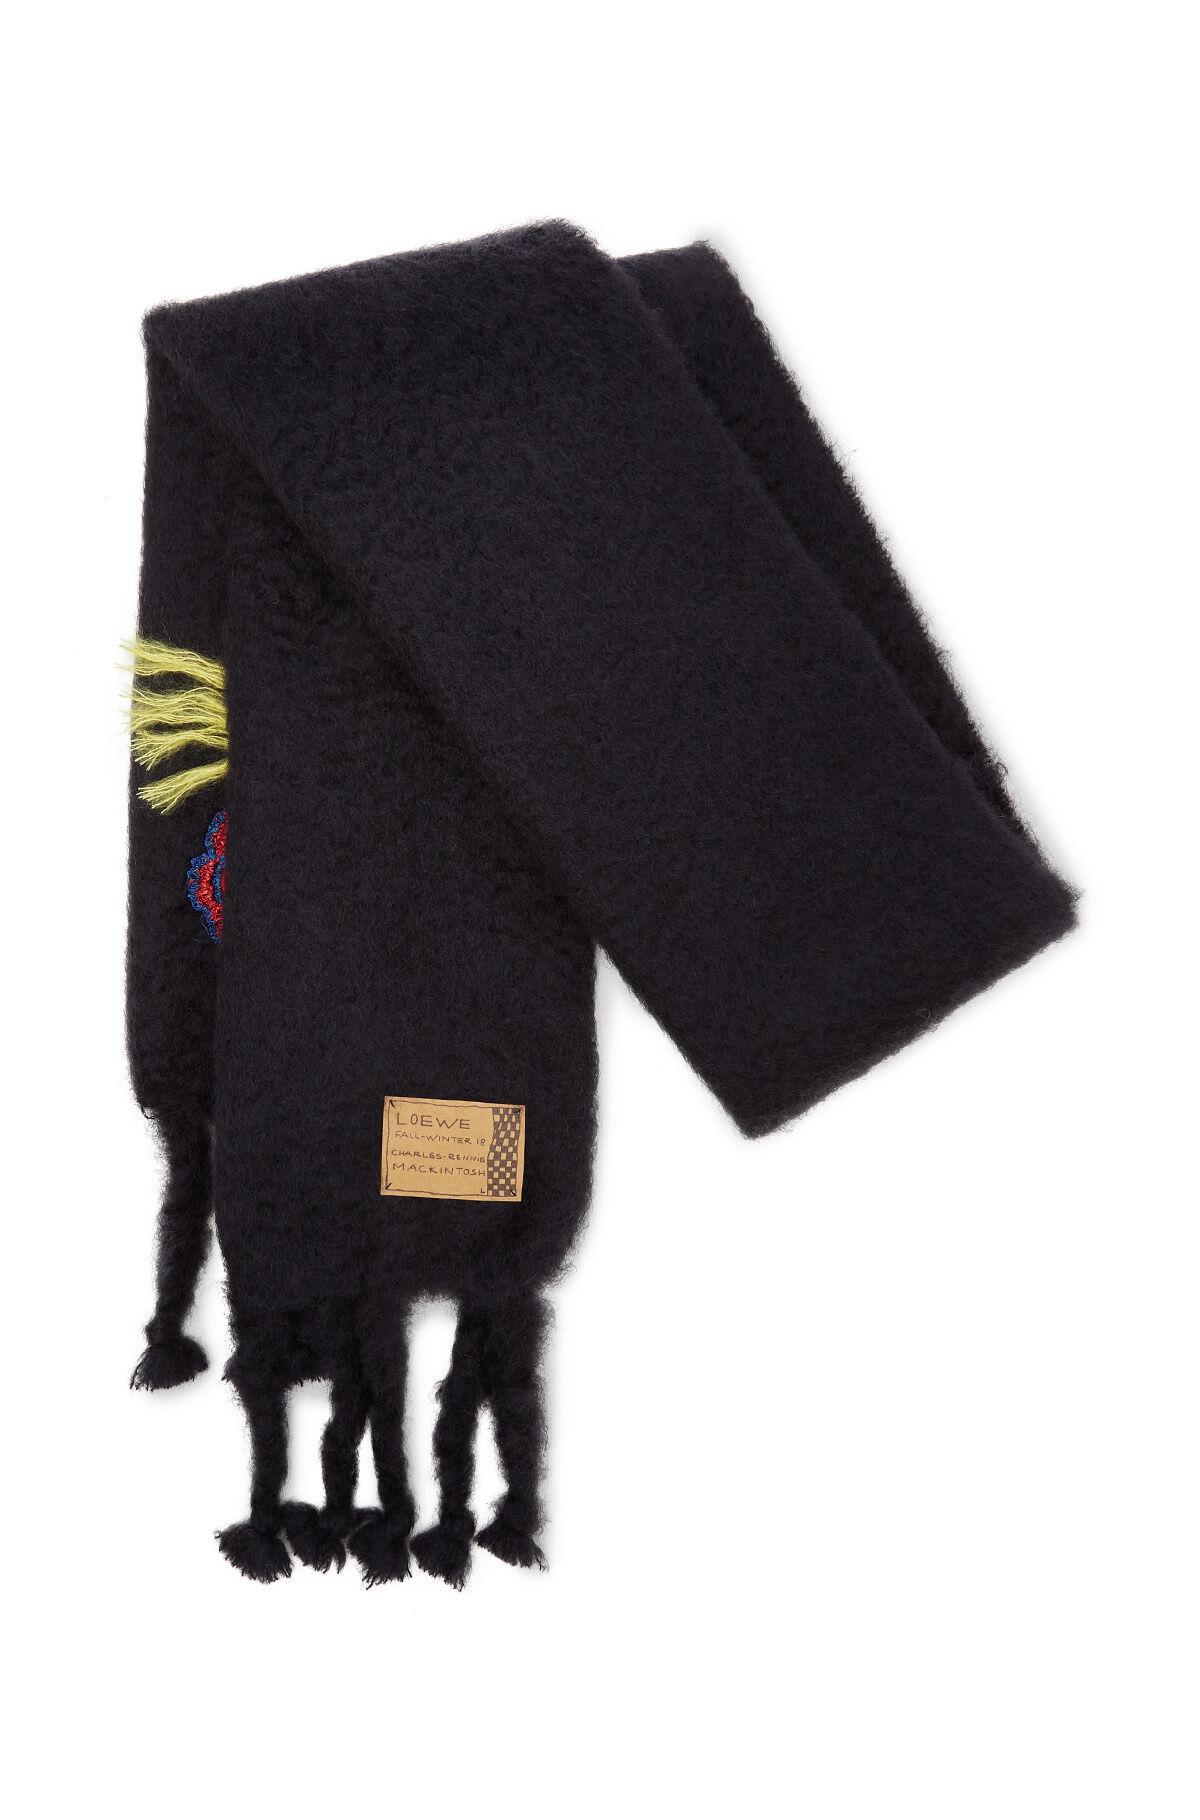 LOEWE 45X230 スカーフブーケ ブラック/マルチカラー all